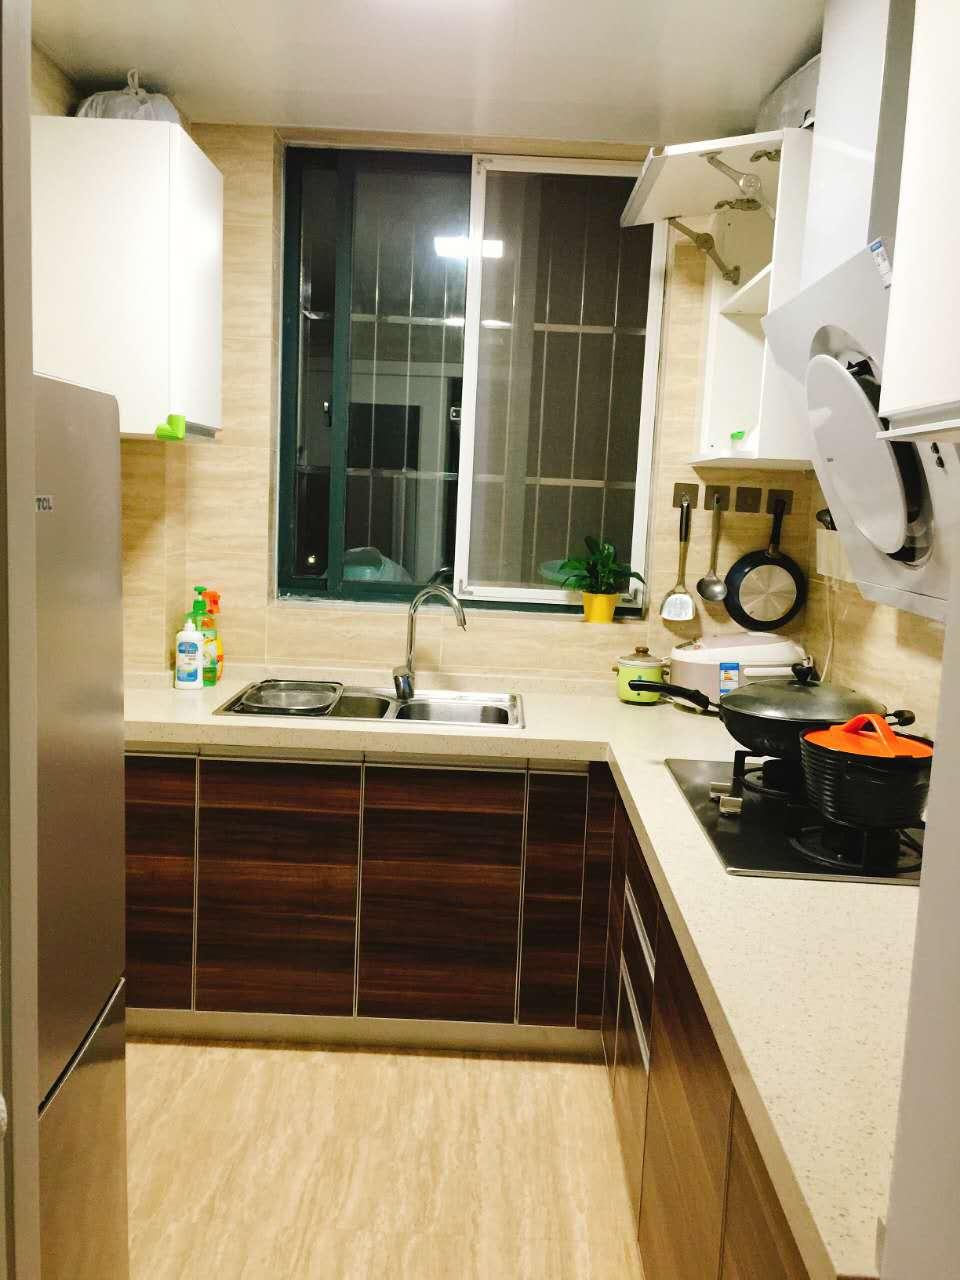 爱空间标配厨房,整洁,易打理。由于厨房的面积不大,张女士油烟机选用了吸力更强的侧吸油烟机。